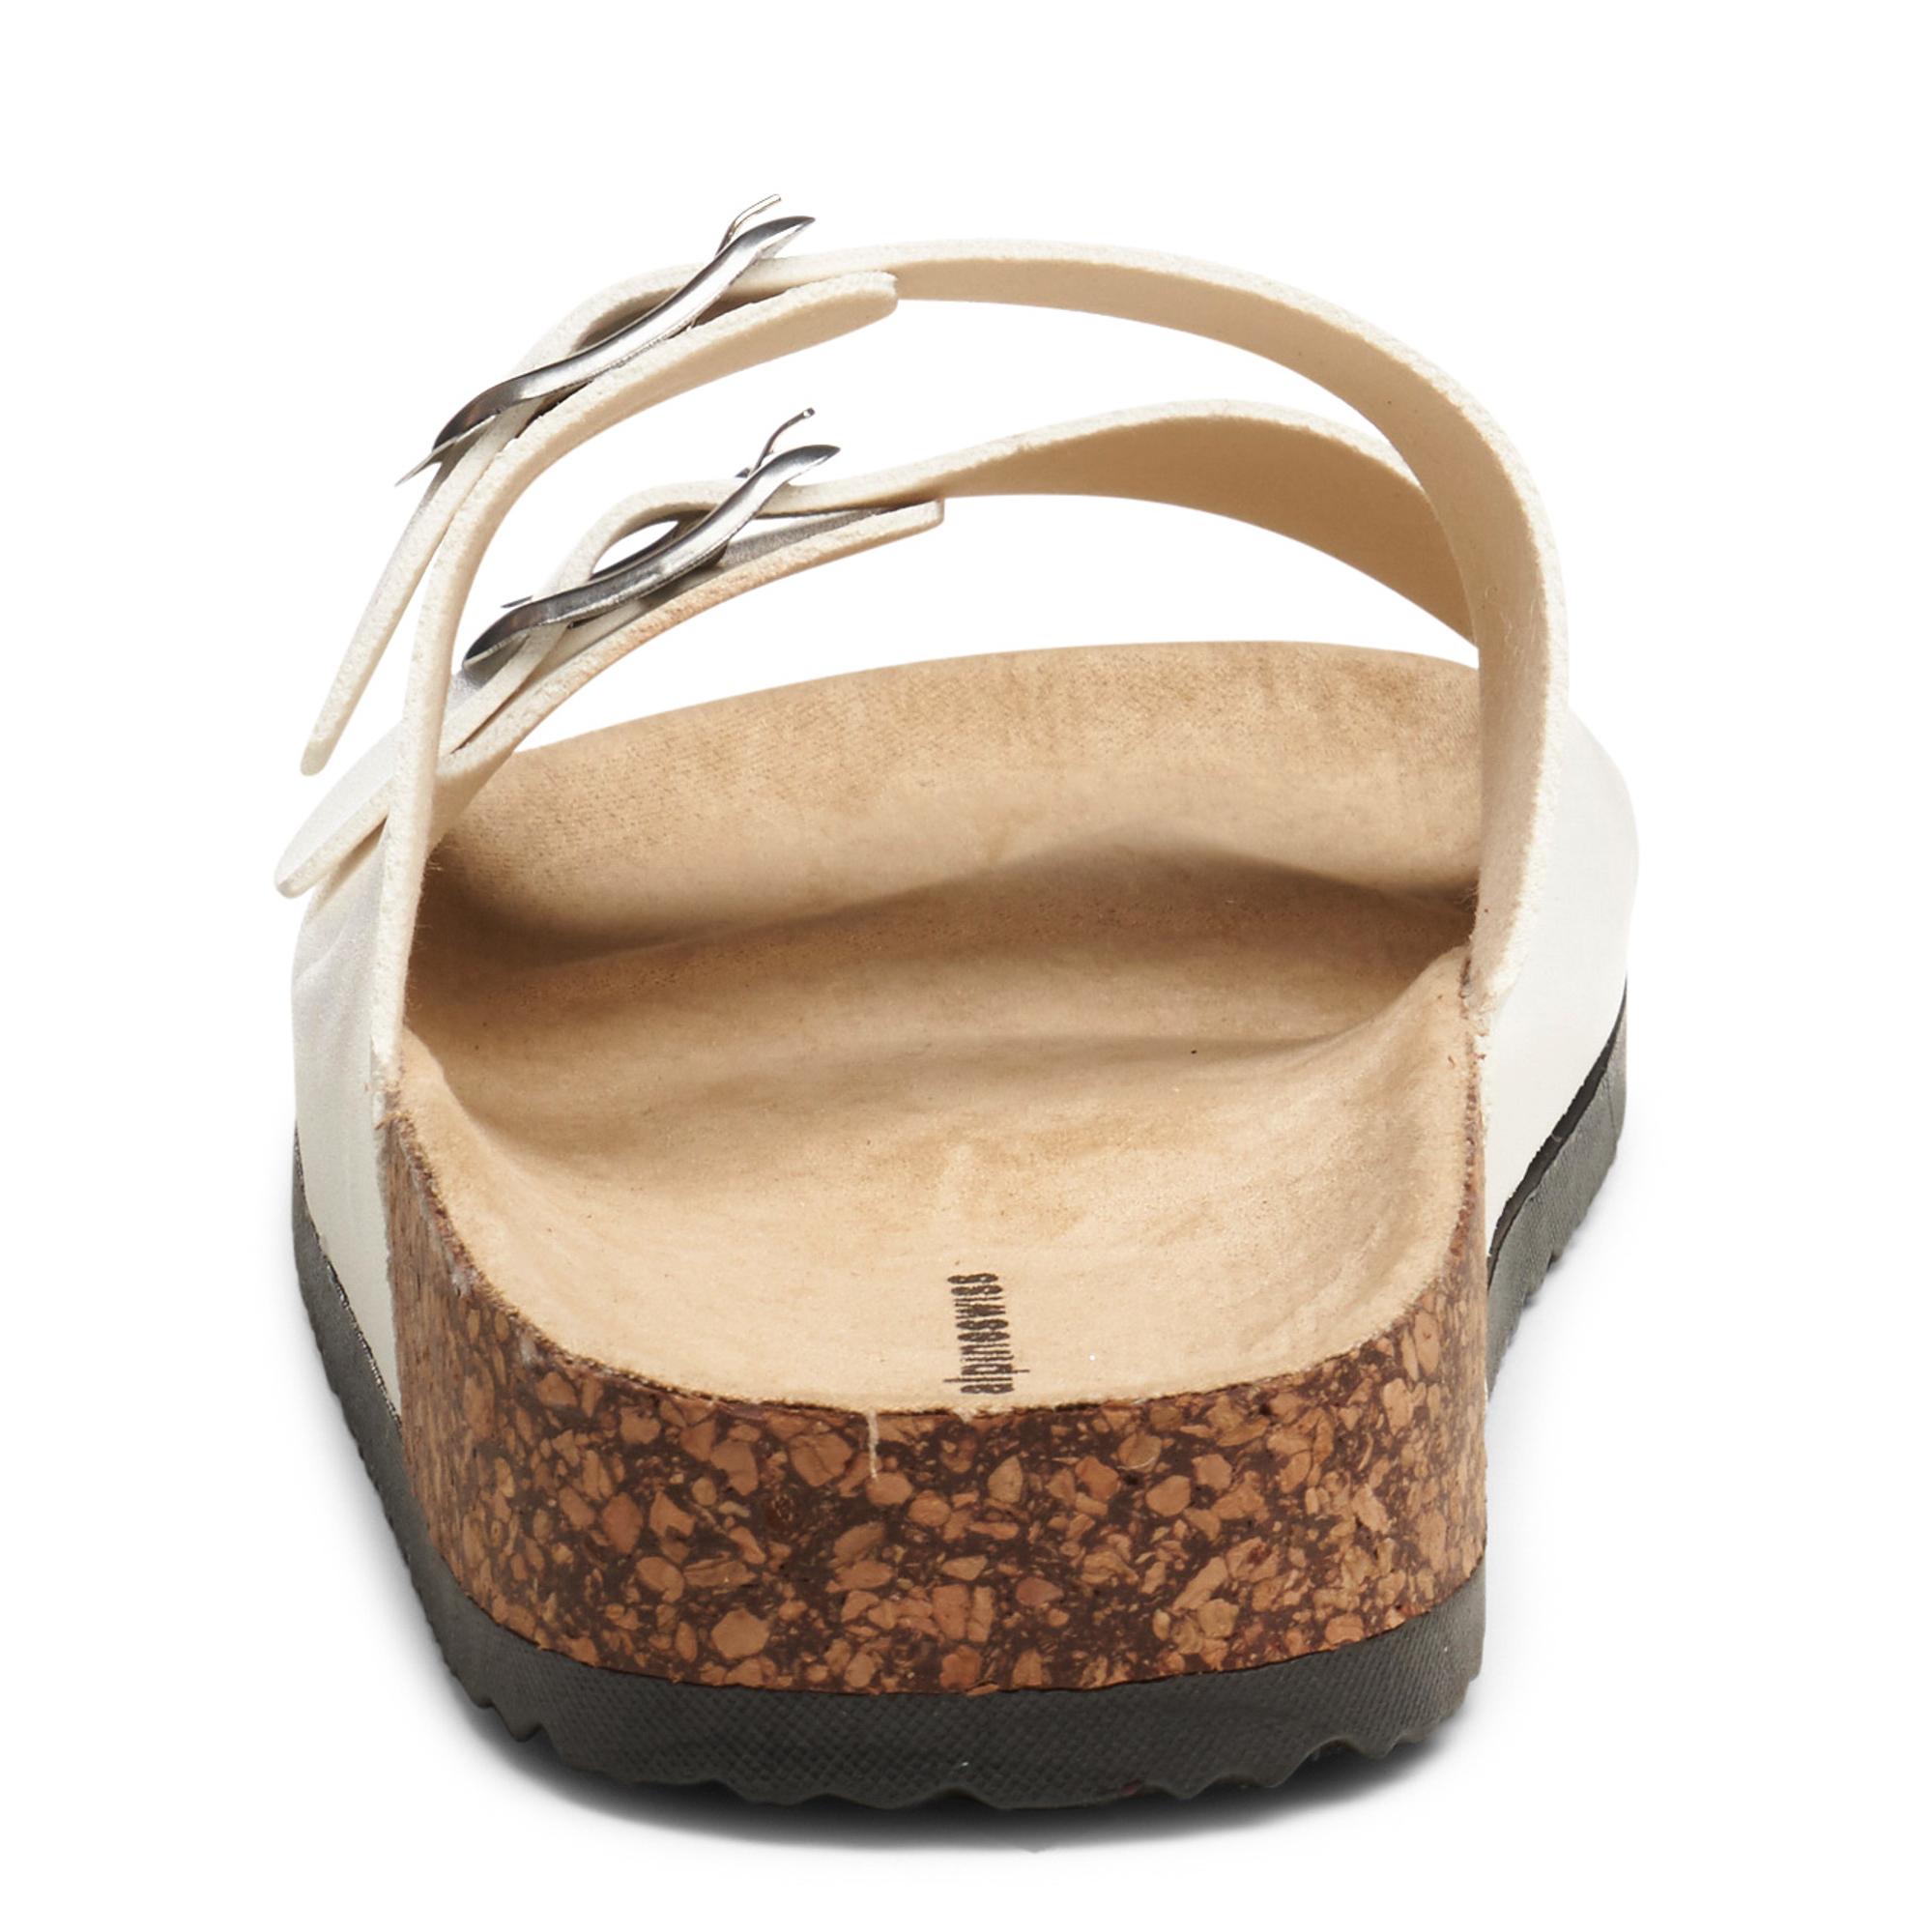 Alpine-Swiss-Womens-Double-Strap-Slide-Sandals-EVA-Sole-Flat-Comfort-Shoes thumbnail 28